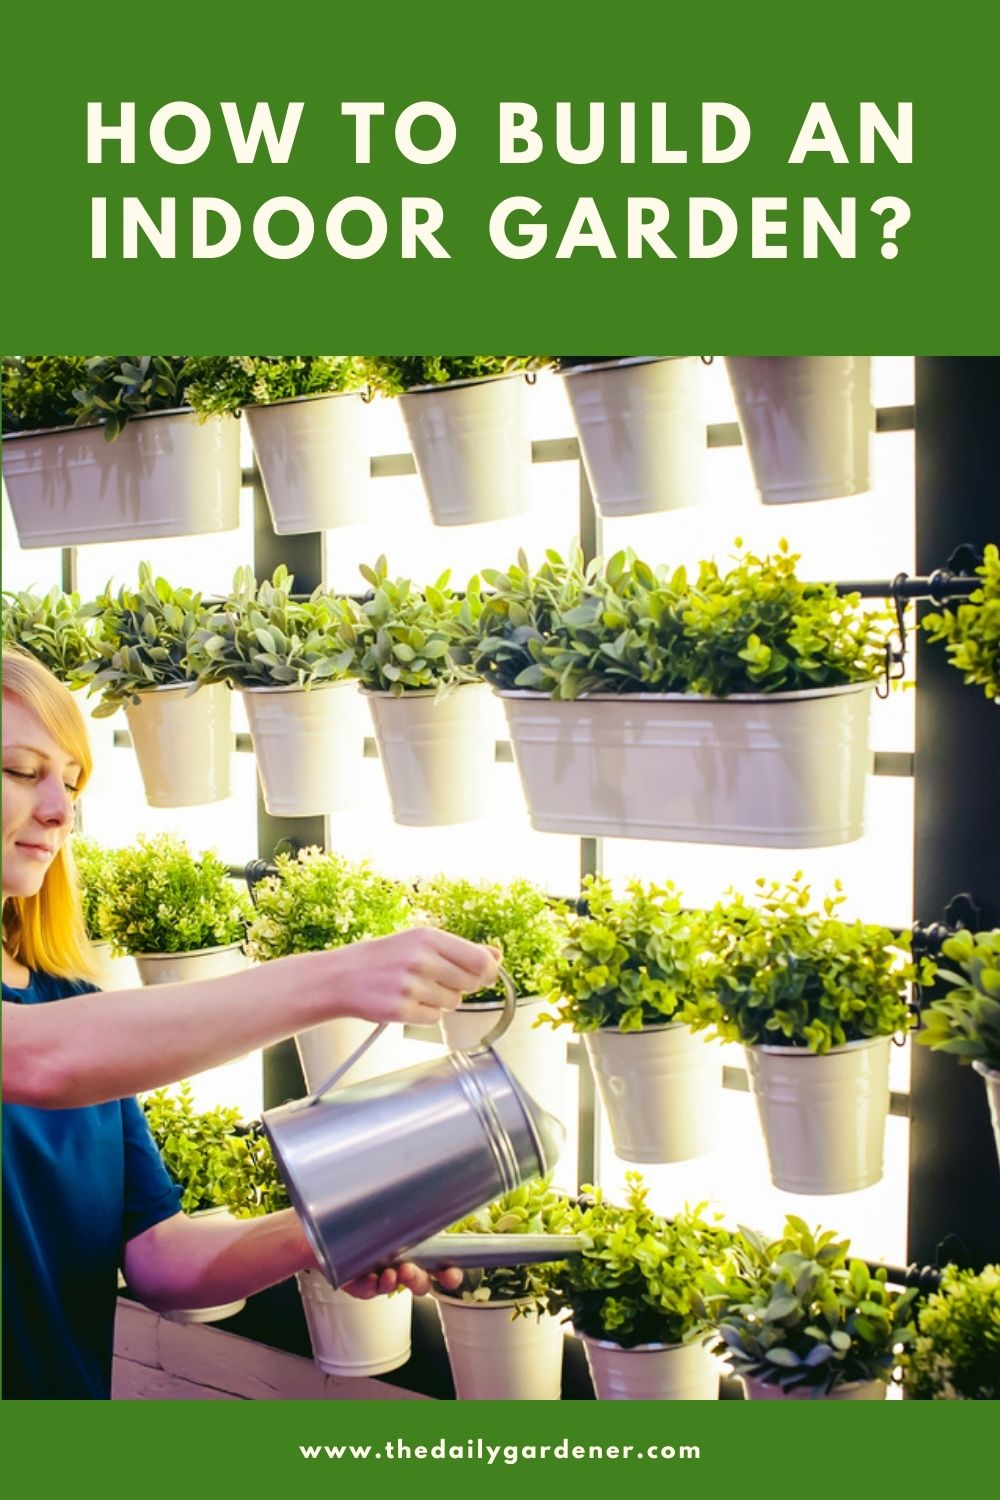 How to build an Indoor Garden 2